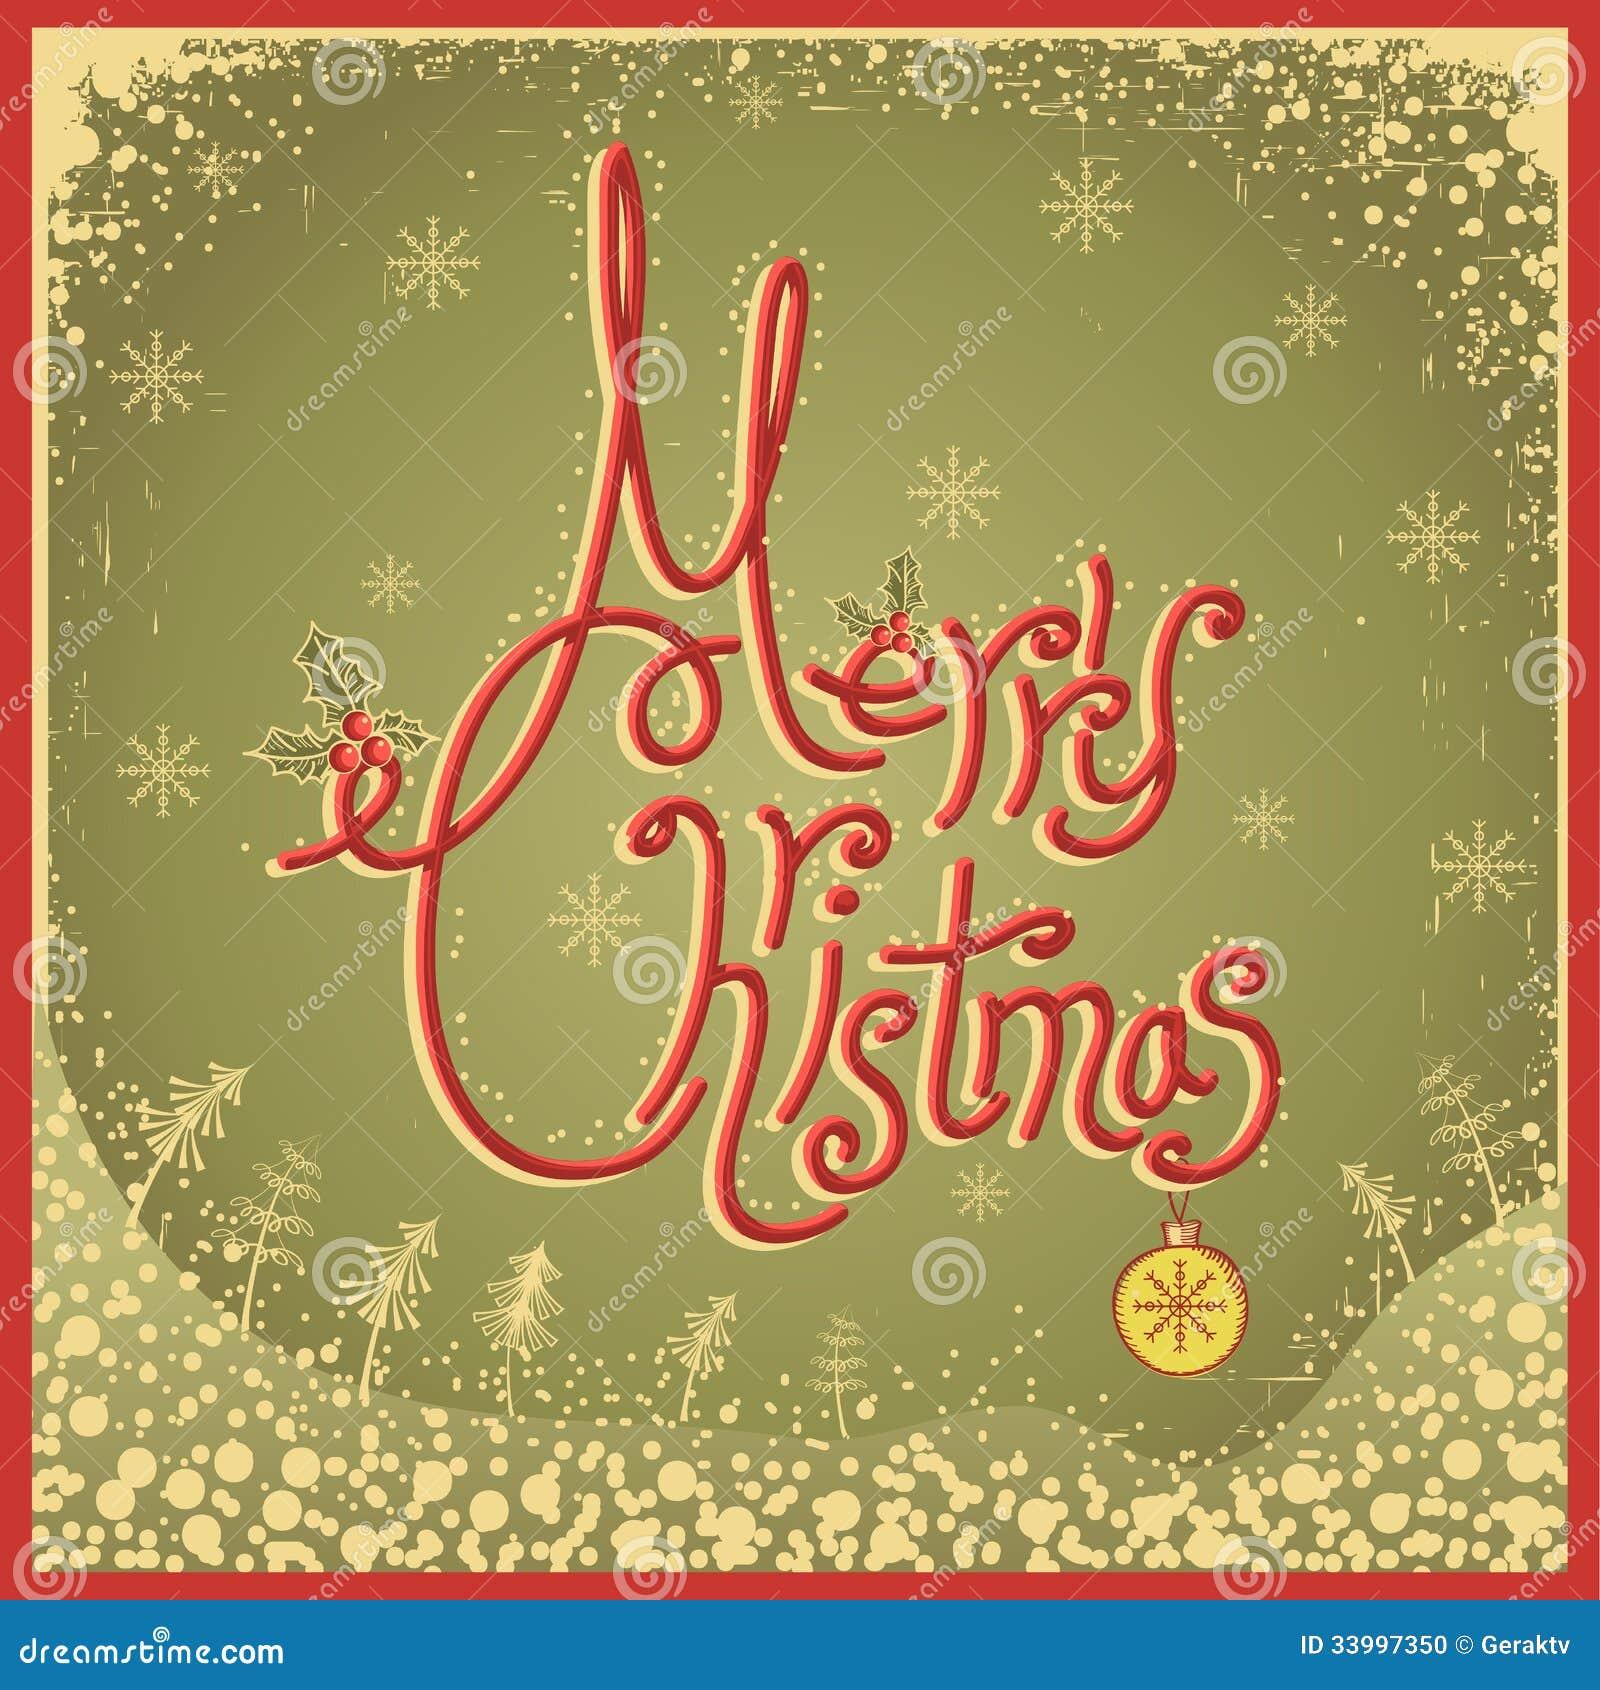 Κάρτα Χαρούμενα Χριστούγεννας με το κείμενο. Εκλεκτής ποιότητας διανυσματικό illu